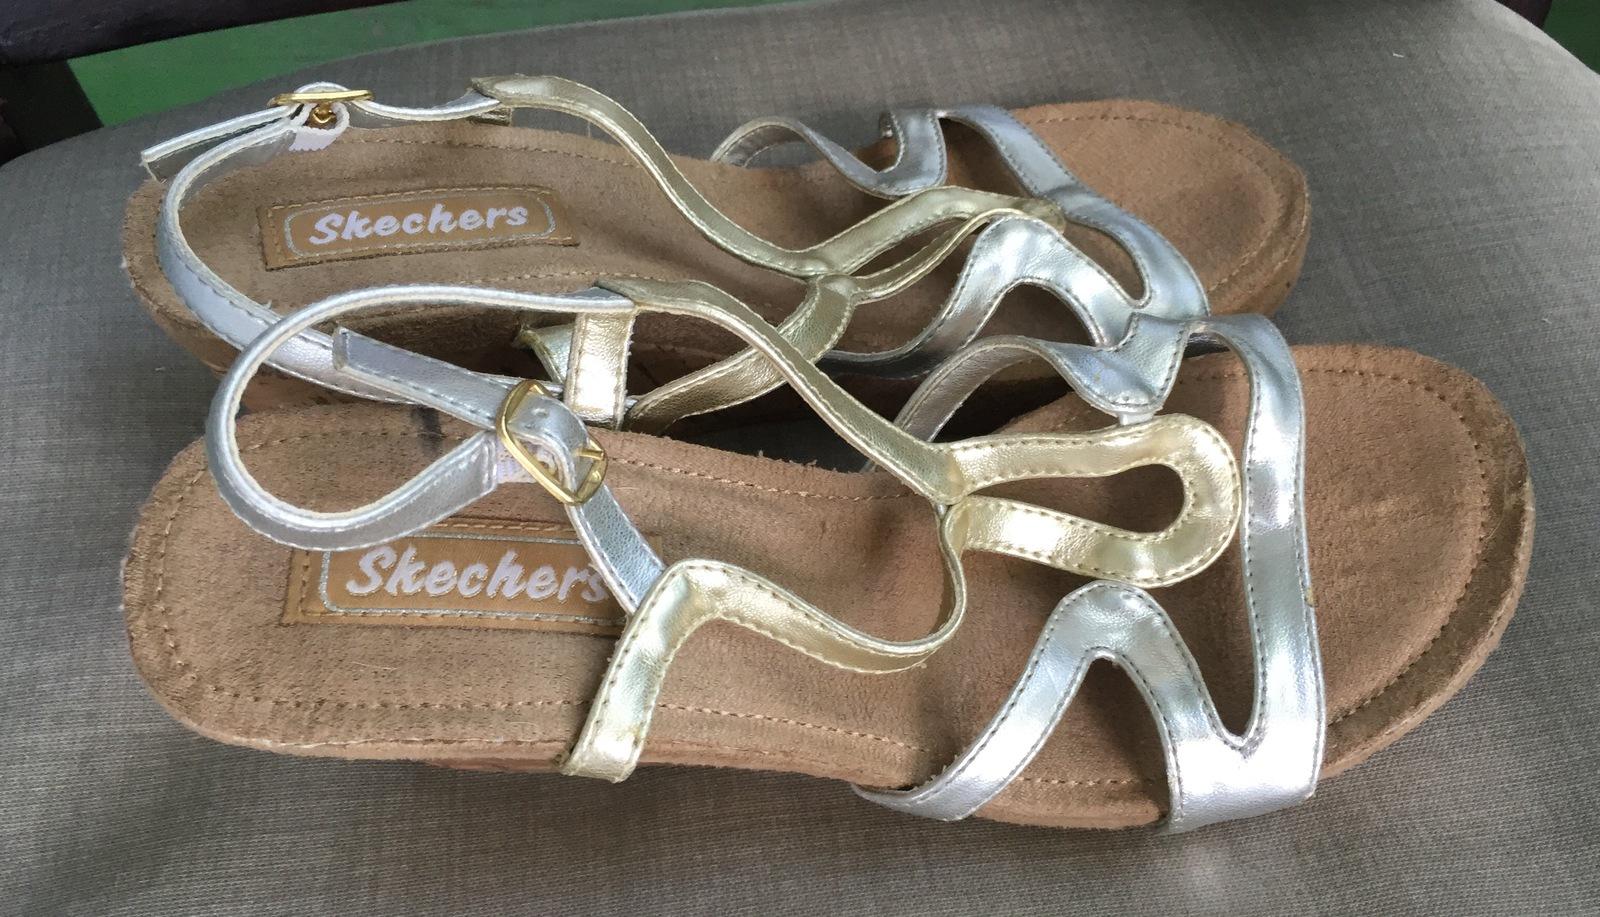 REDUCED! SKECHERS Women's metallic wedge sandals 5.5-6 US